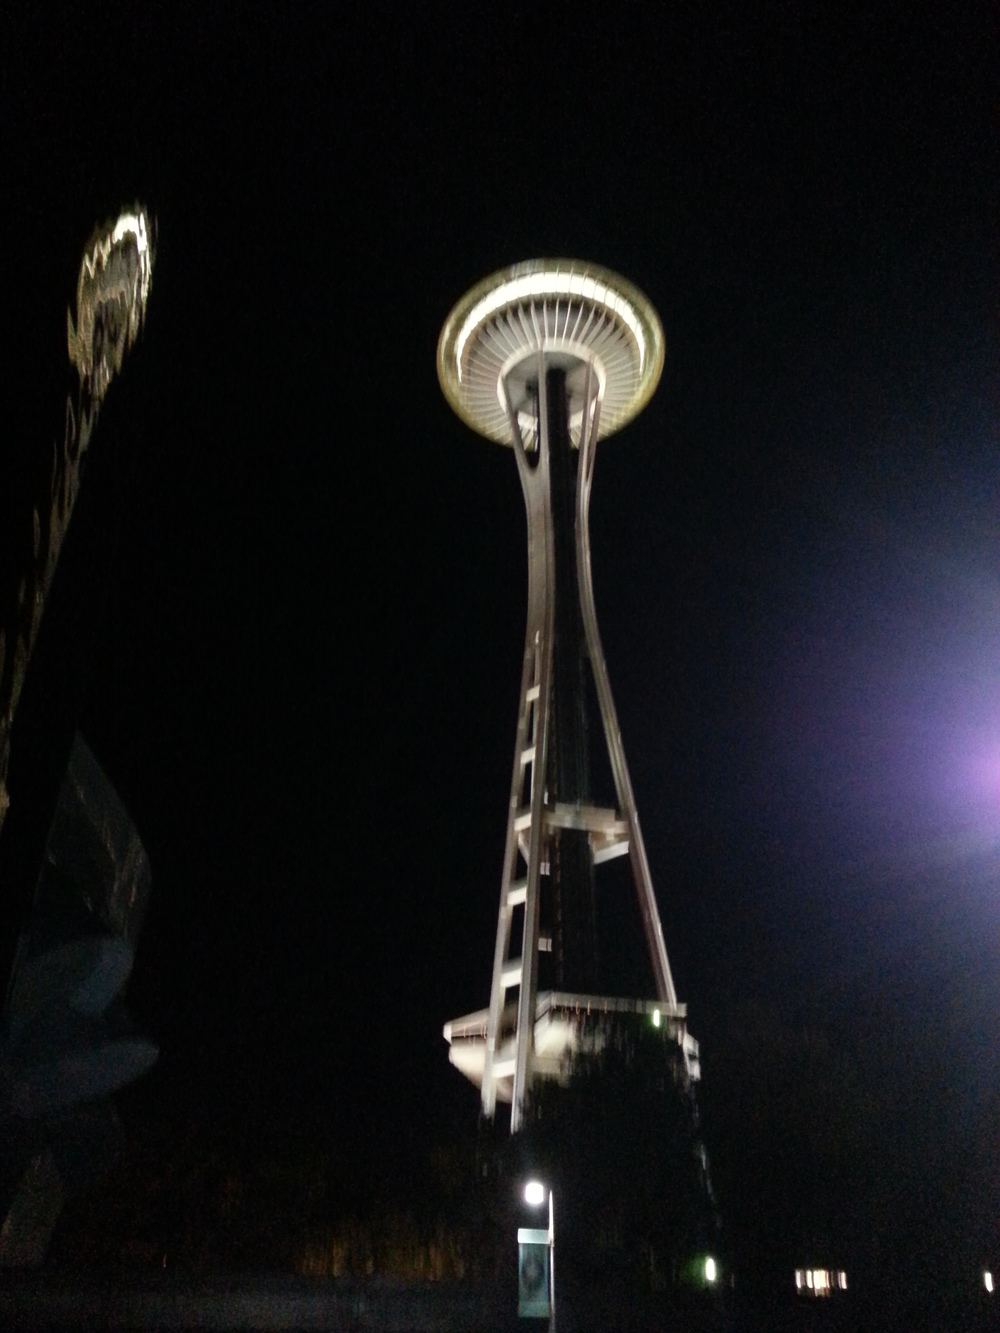 Seattle at night. (Photo: M. Zimmerman, 2012)